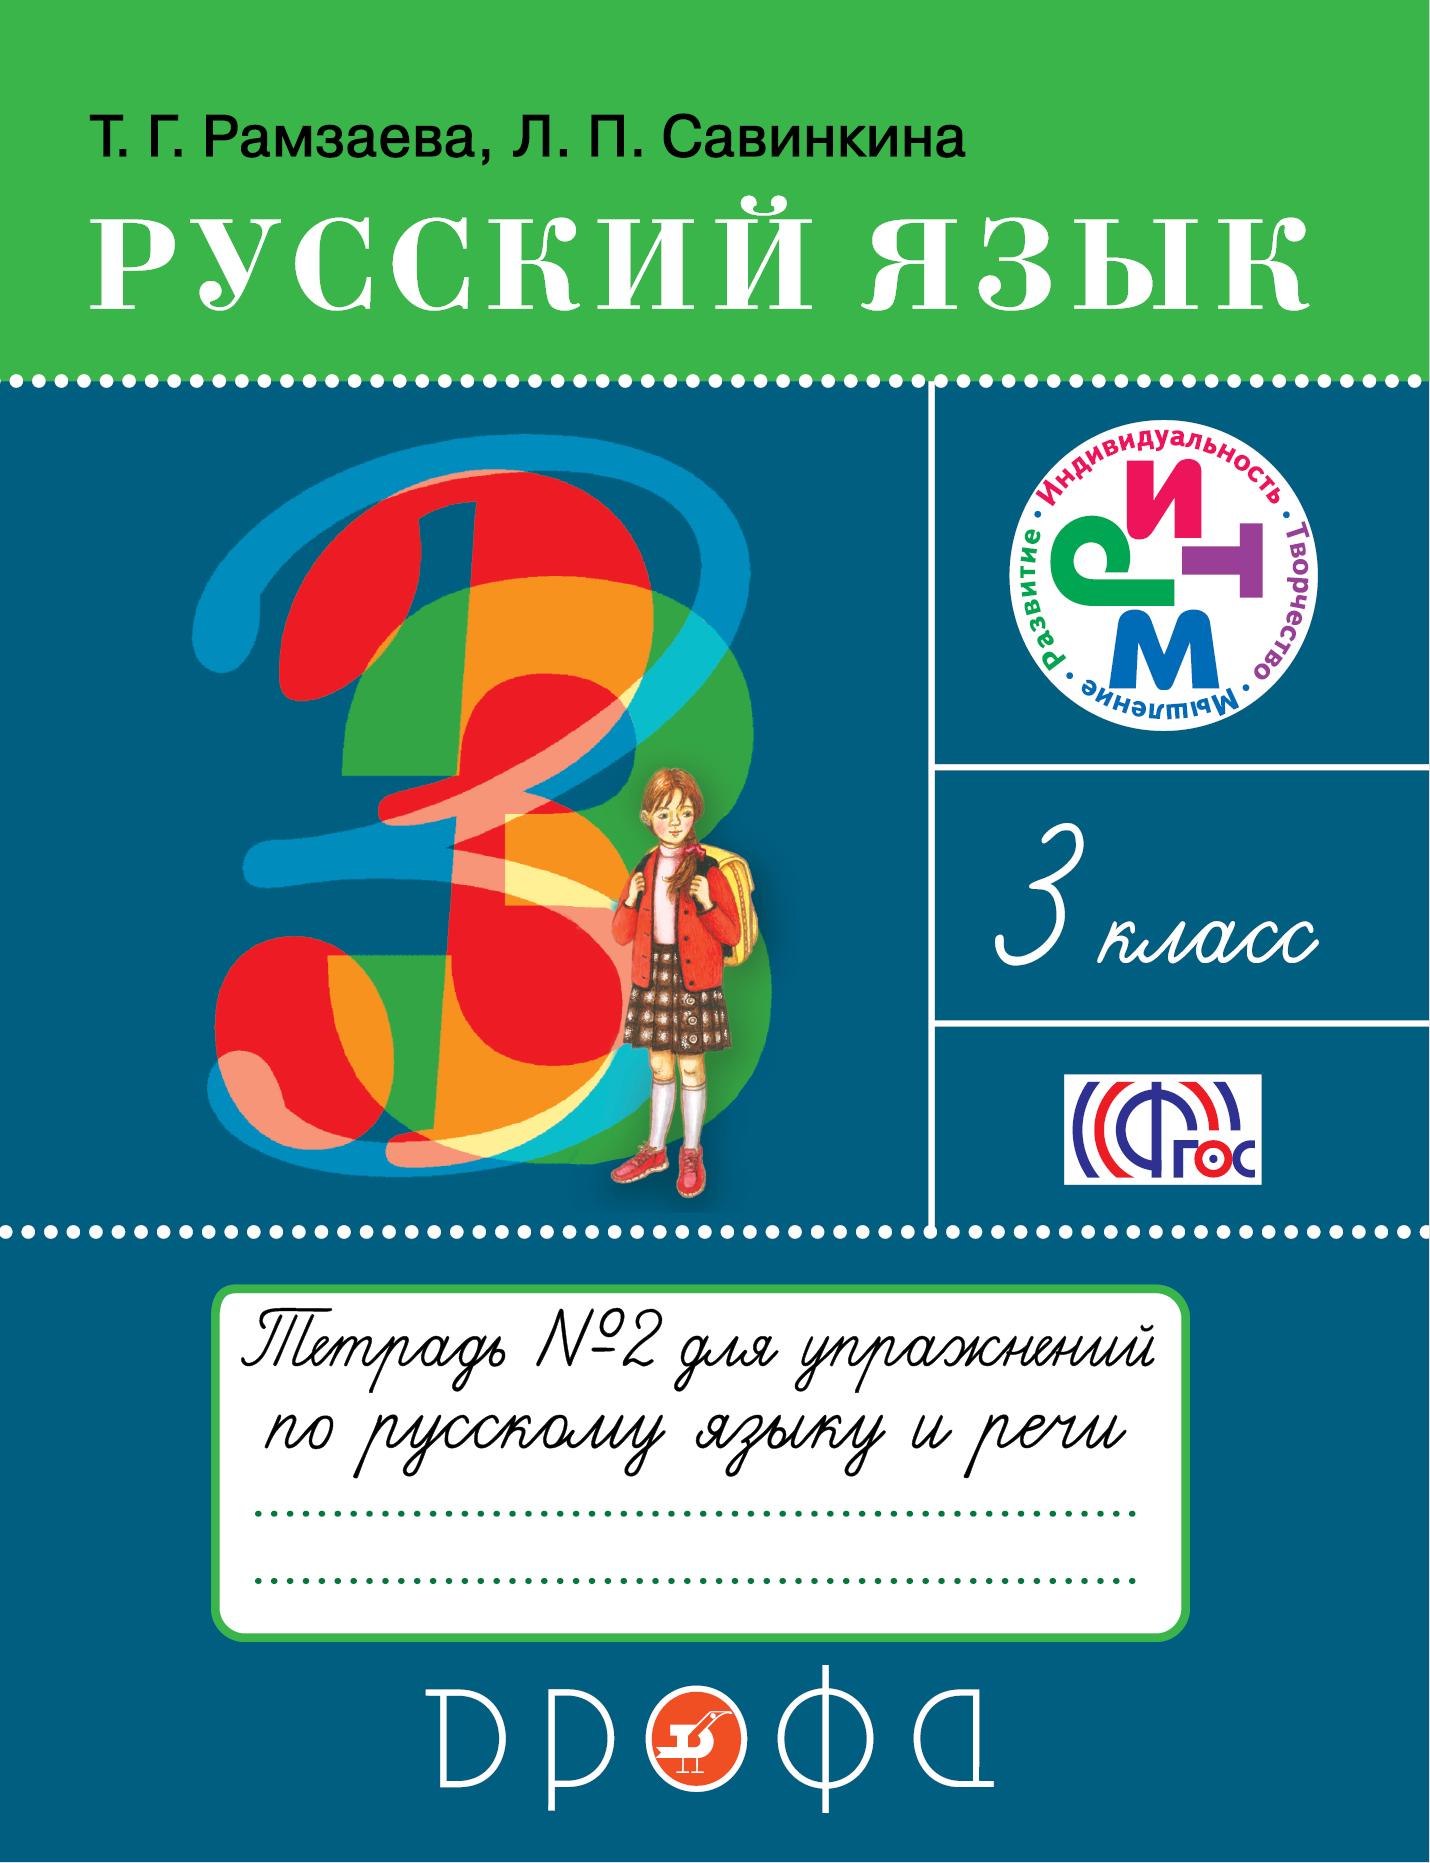 Т. Г. Рамзаева, Л. П. Савинкин Русский язык. 3 класс. Тетрадь №2 для упражнений по русскому языку и речи